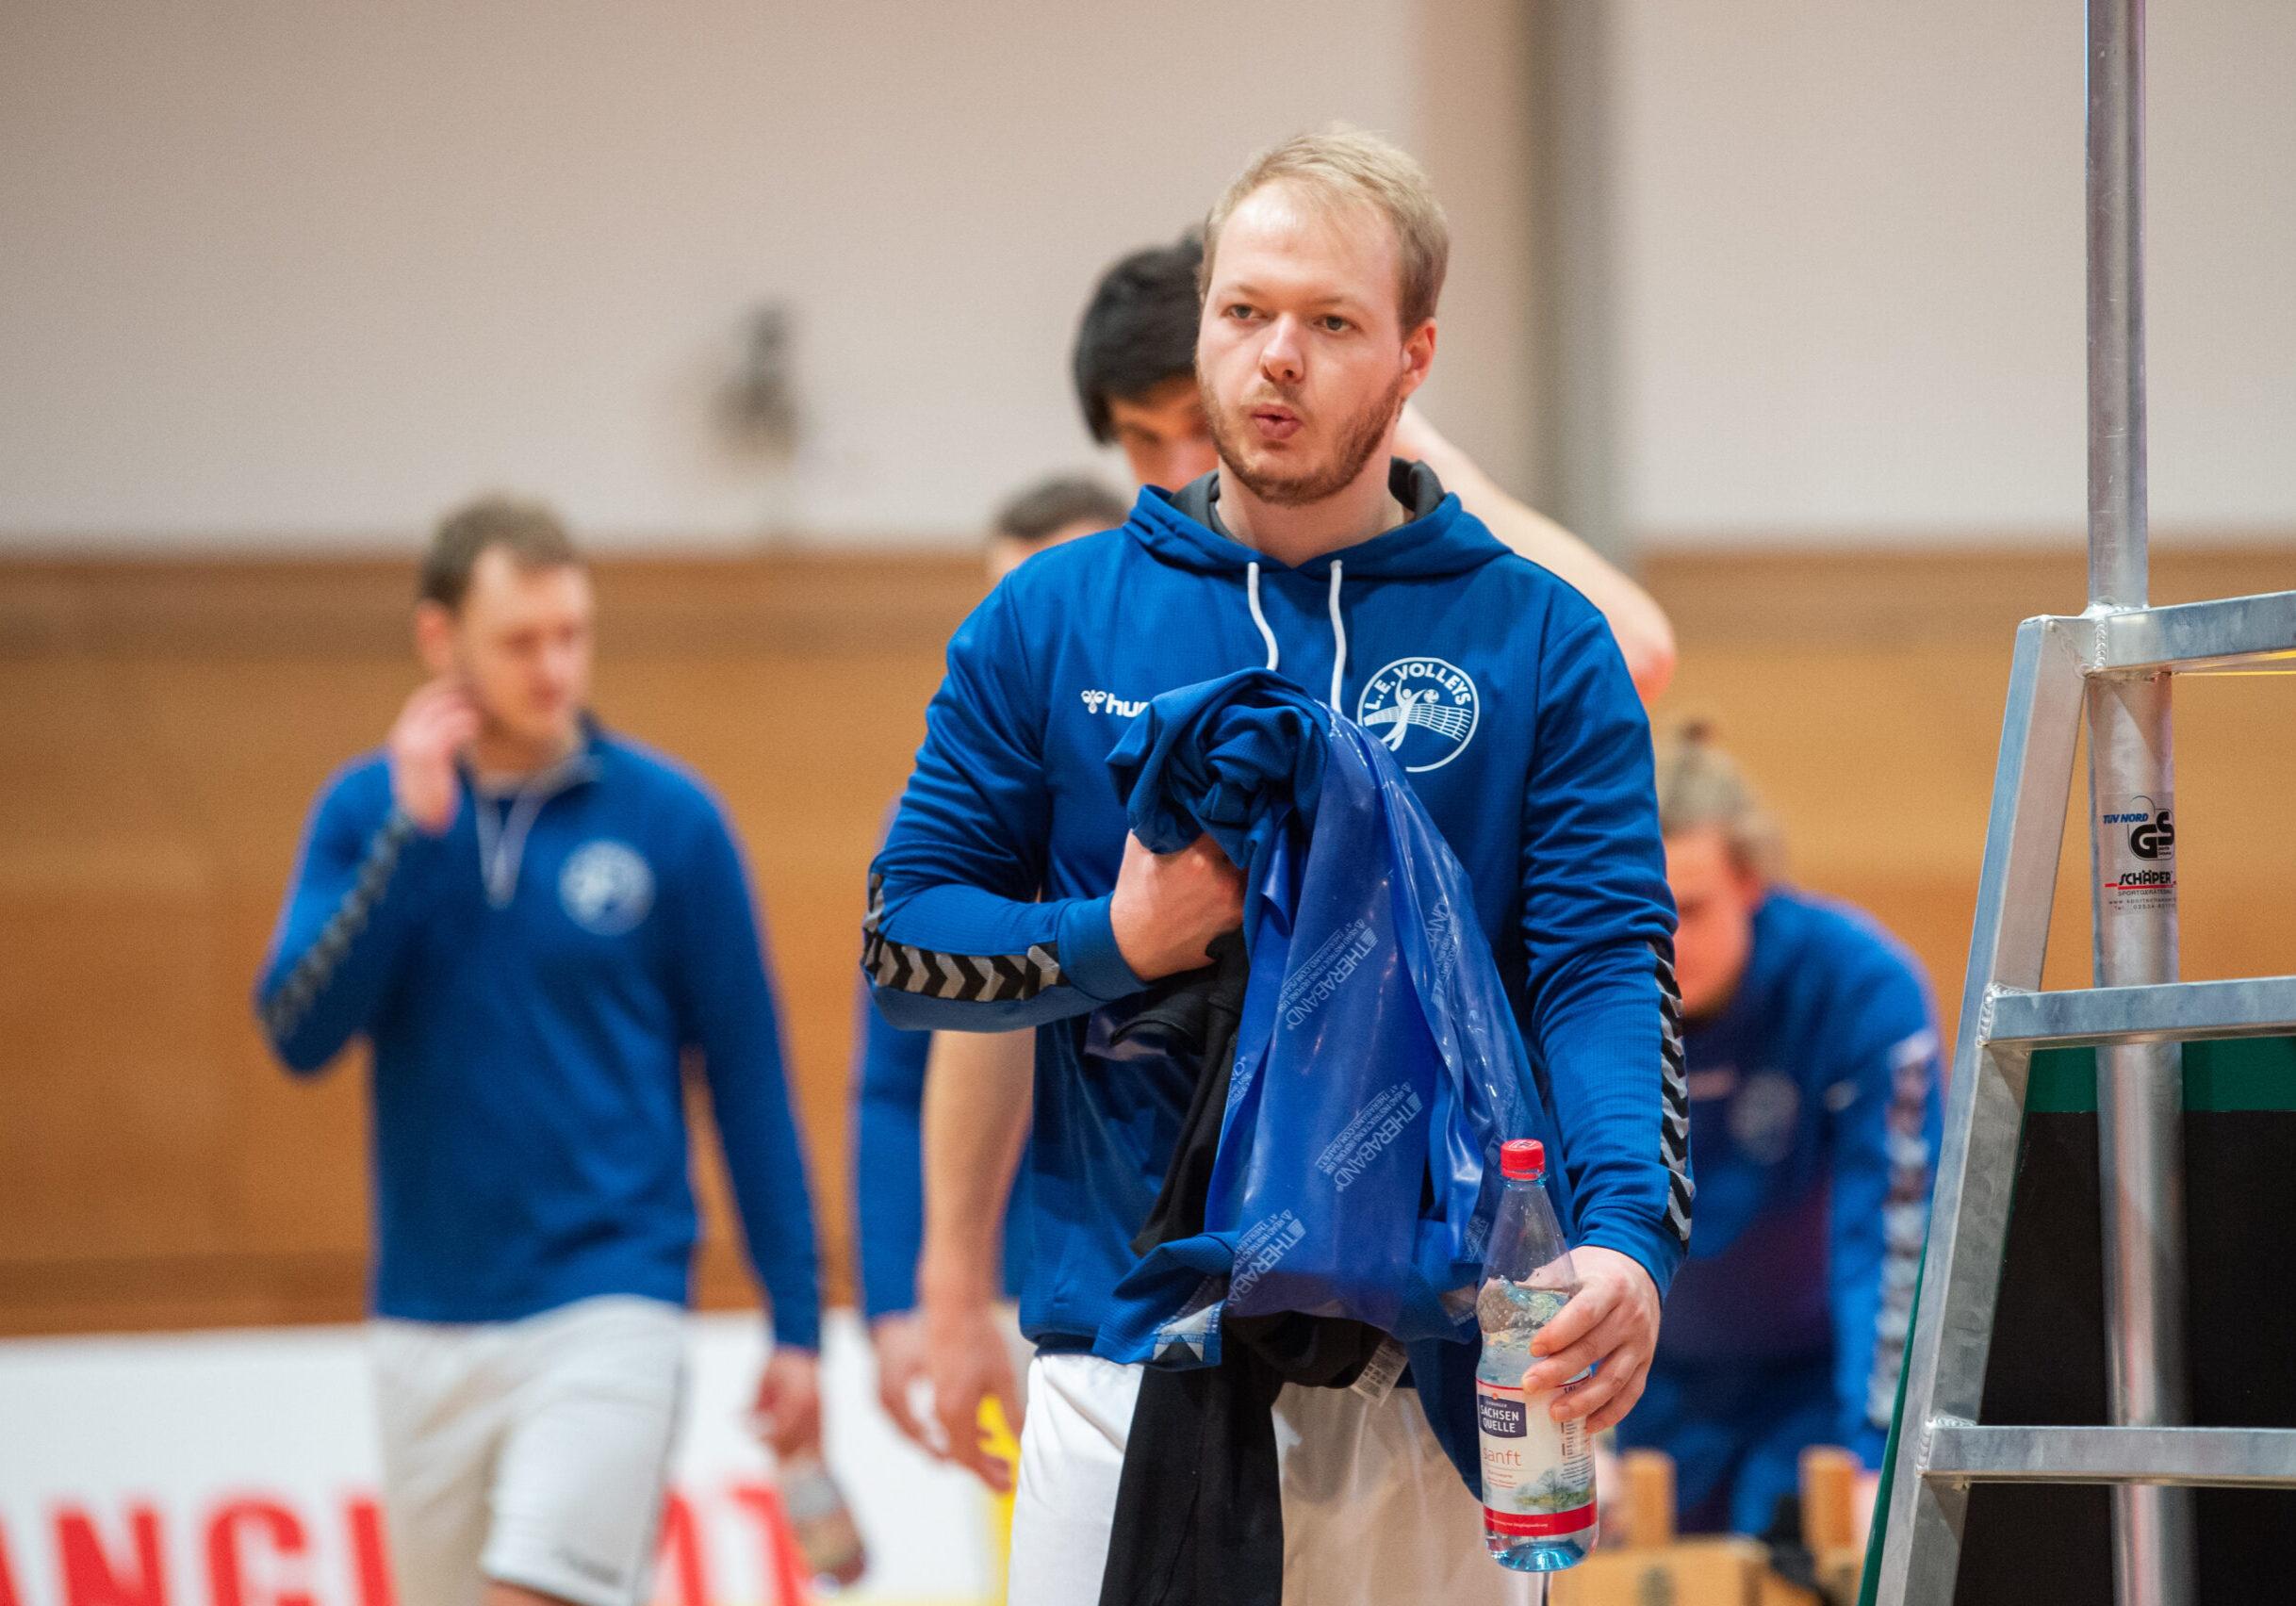 Bjšrn Vanselow (Volleys #7) L.E. Volleys Leipzig vs TSV Grafing, Volleyball, 2.Liga, 30.01.2021